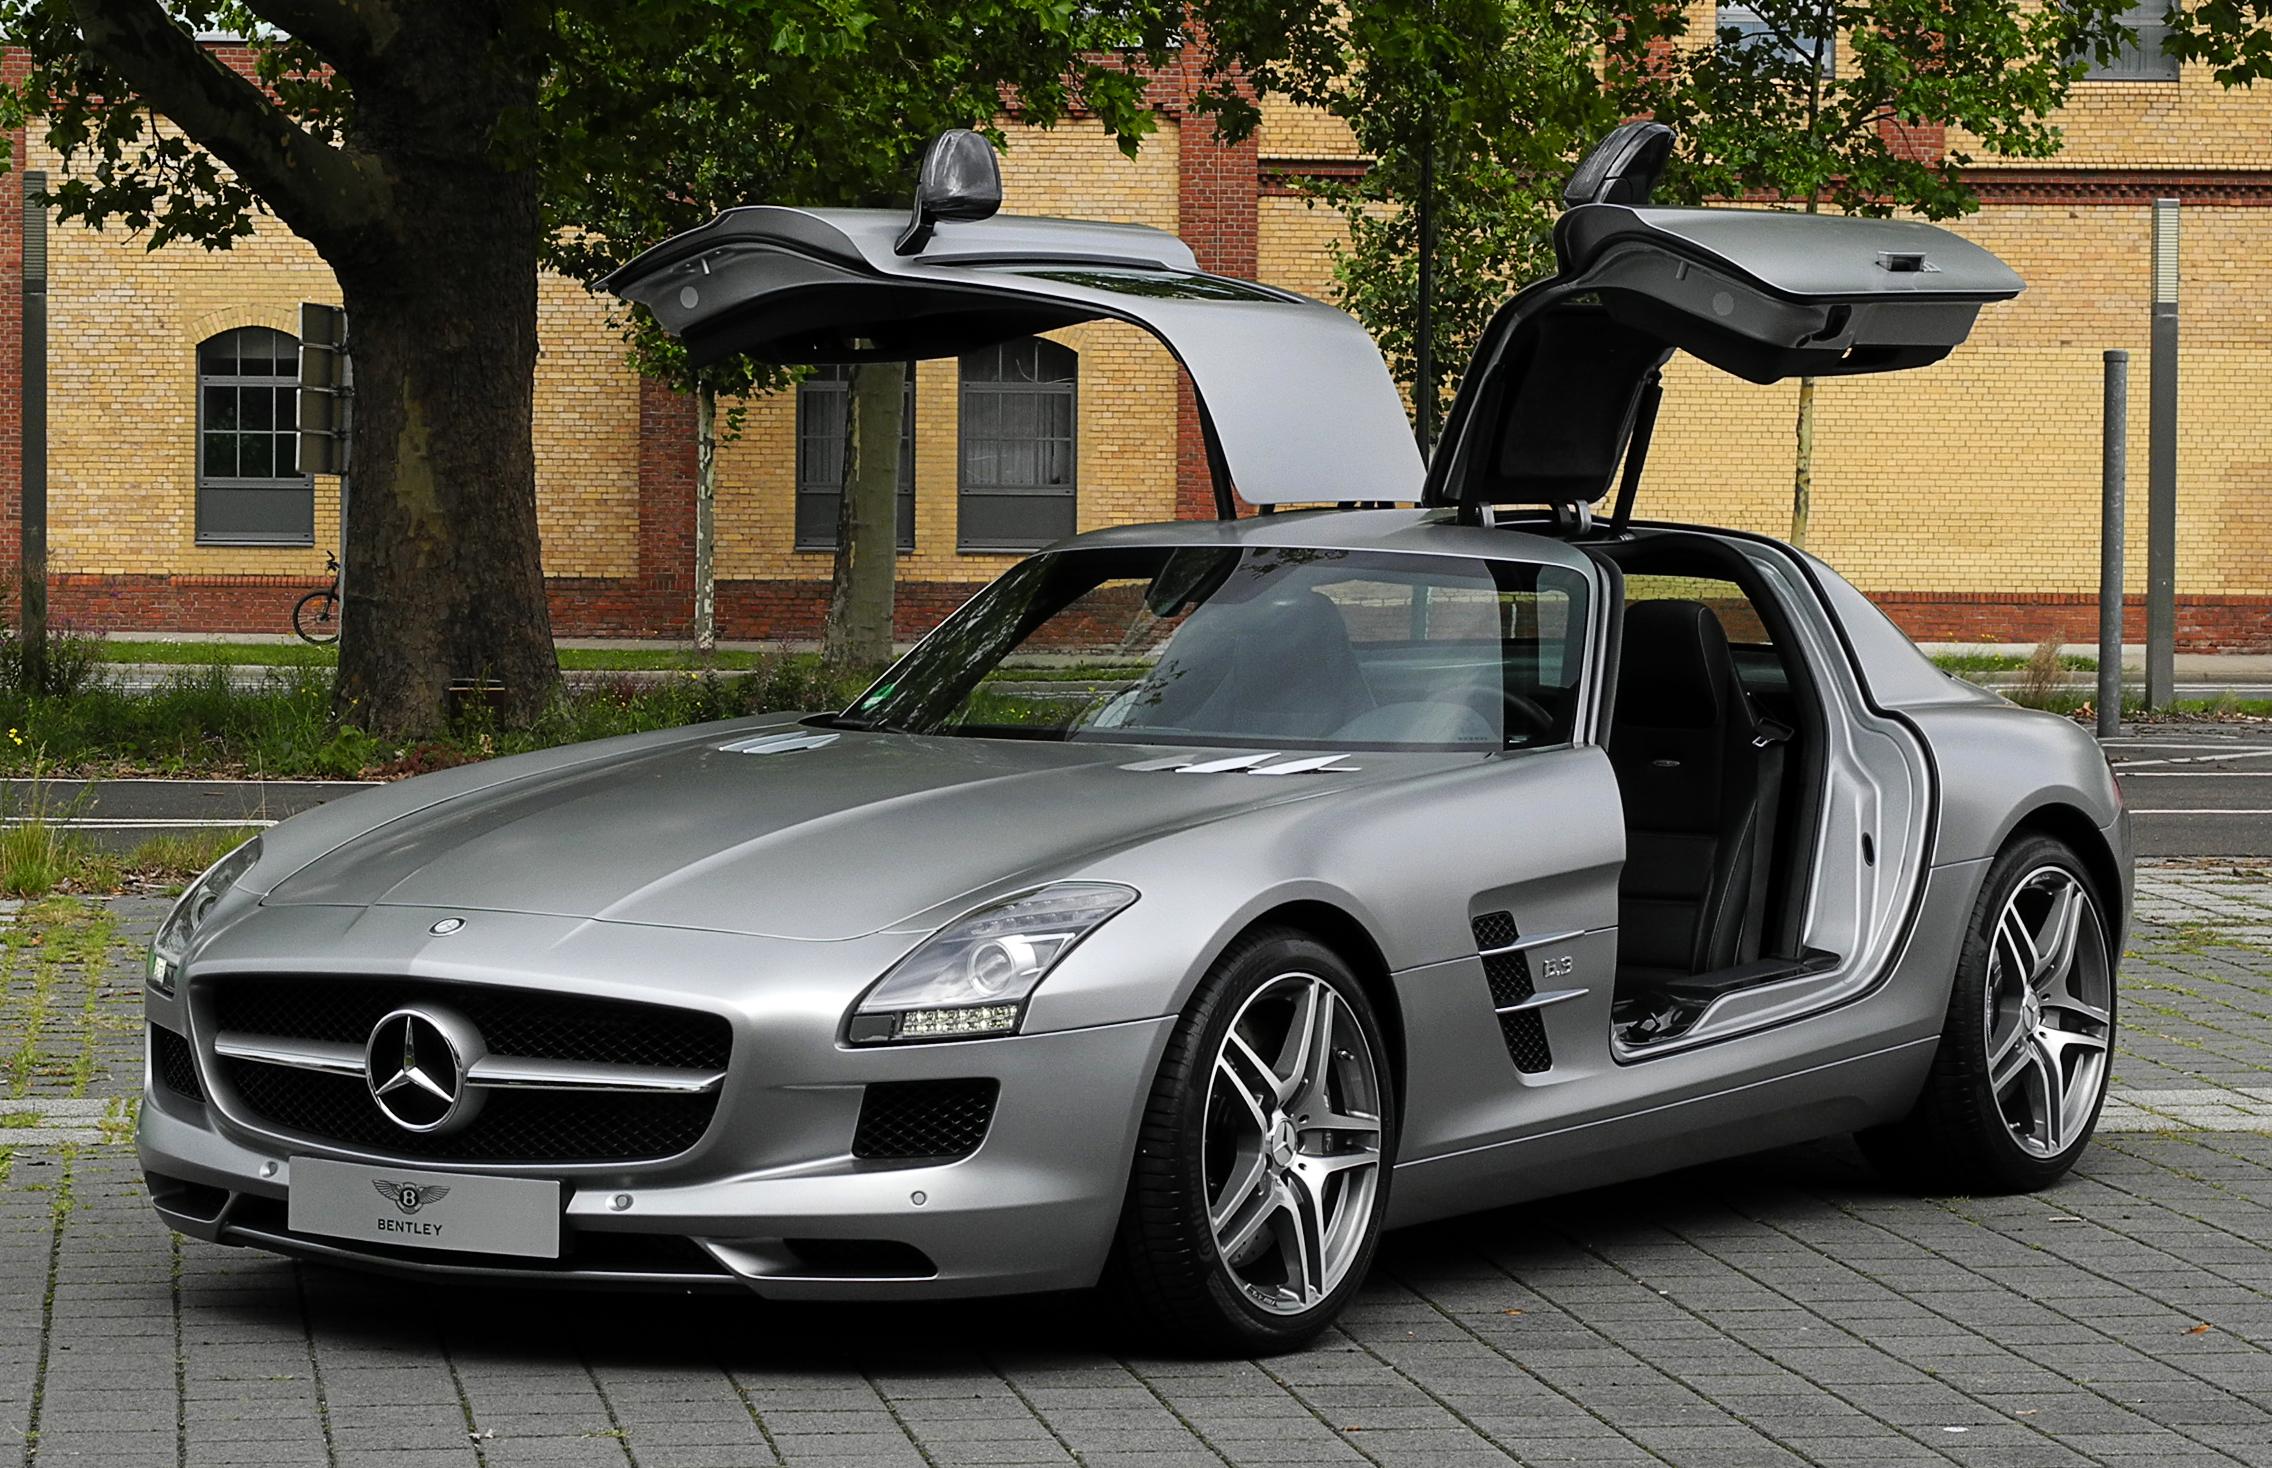 Mercedes-Benz_SLS_AMG_-C_197-_---_Frontansicht_ge--ffnet-_10._August_2011-_D--sseldorf.jpg